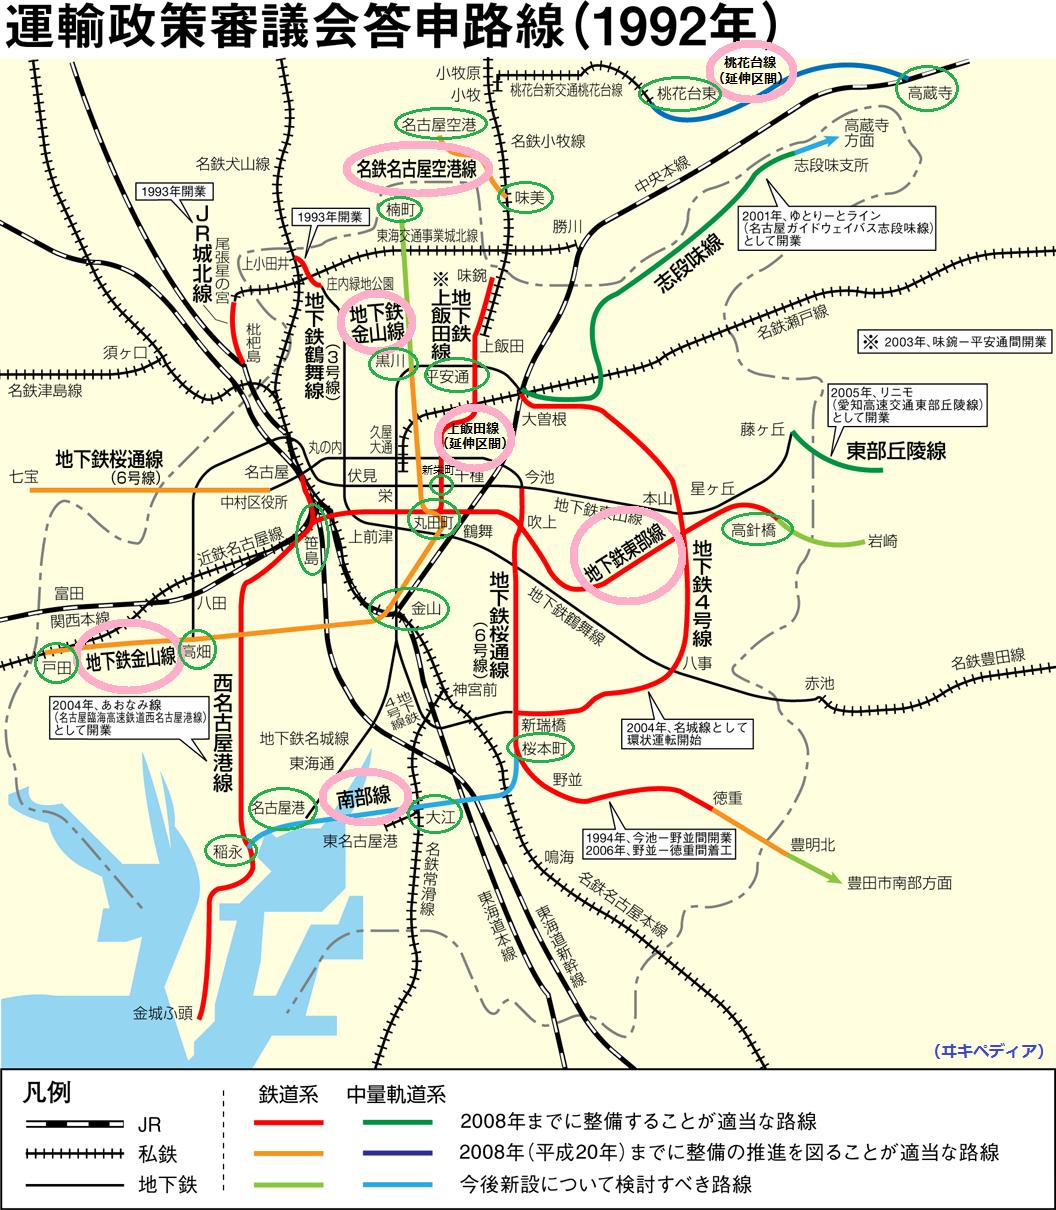 1992年運輸政策審議会答申路線 - 名古屋圏(ヰキペディア)